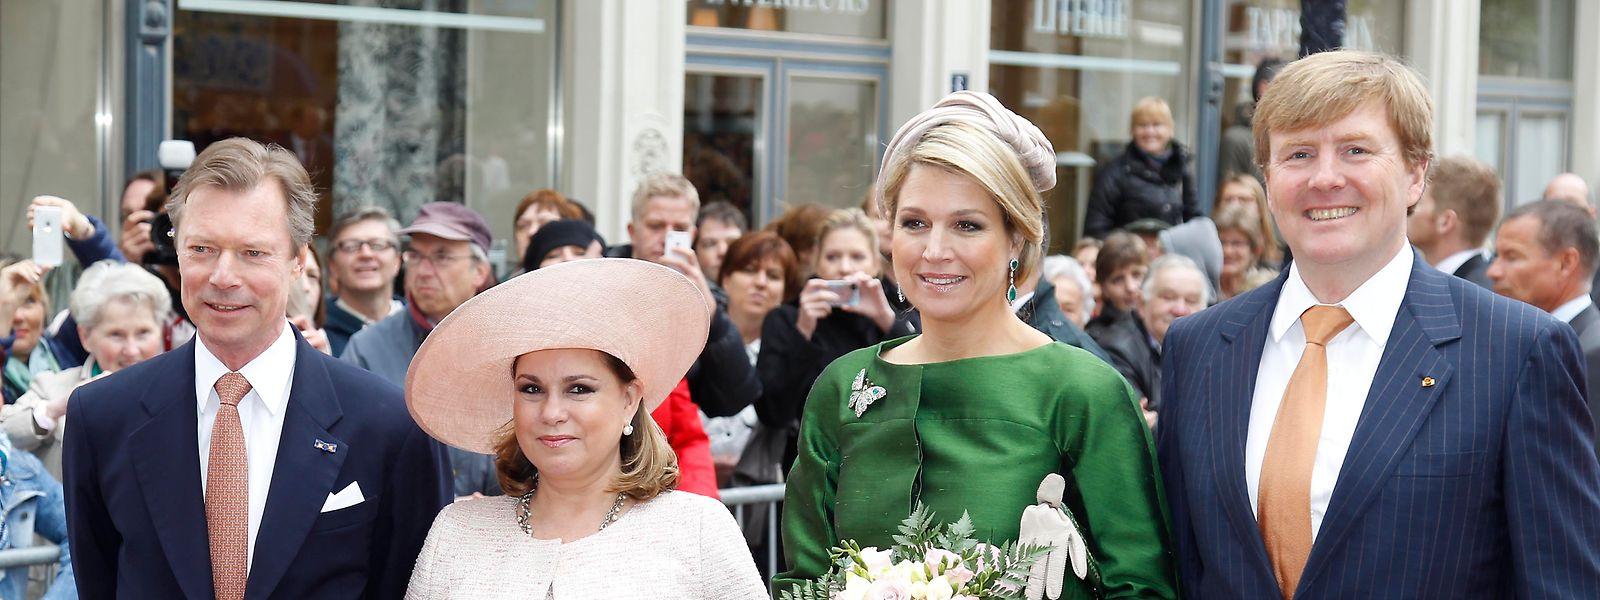 König Willem-Alexander und Königin Máxima der Niederlande kamen bereits 2013 zum Antrittsbesuch ins Großherzogtum.